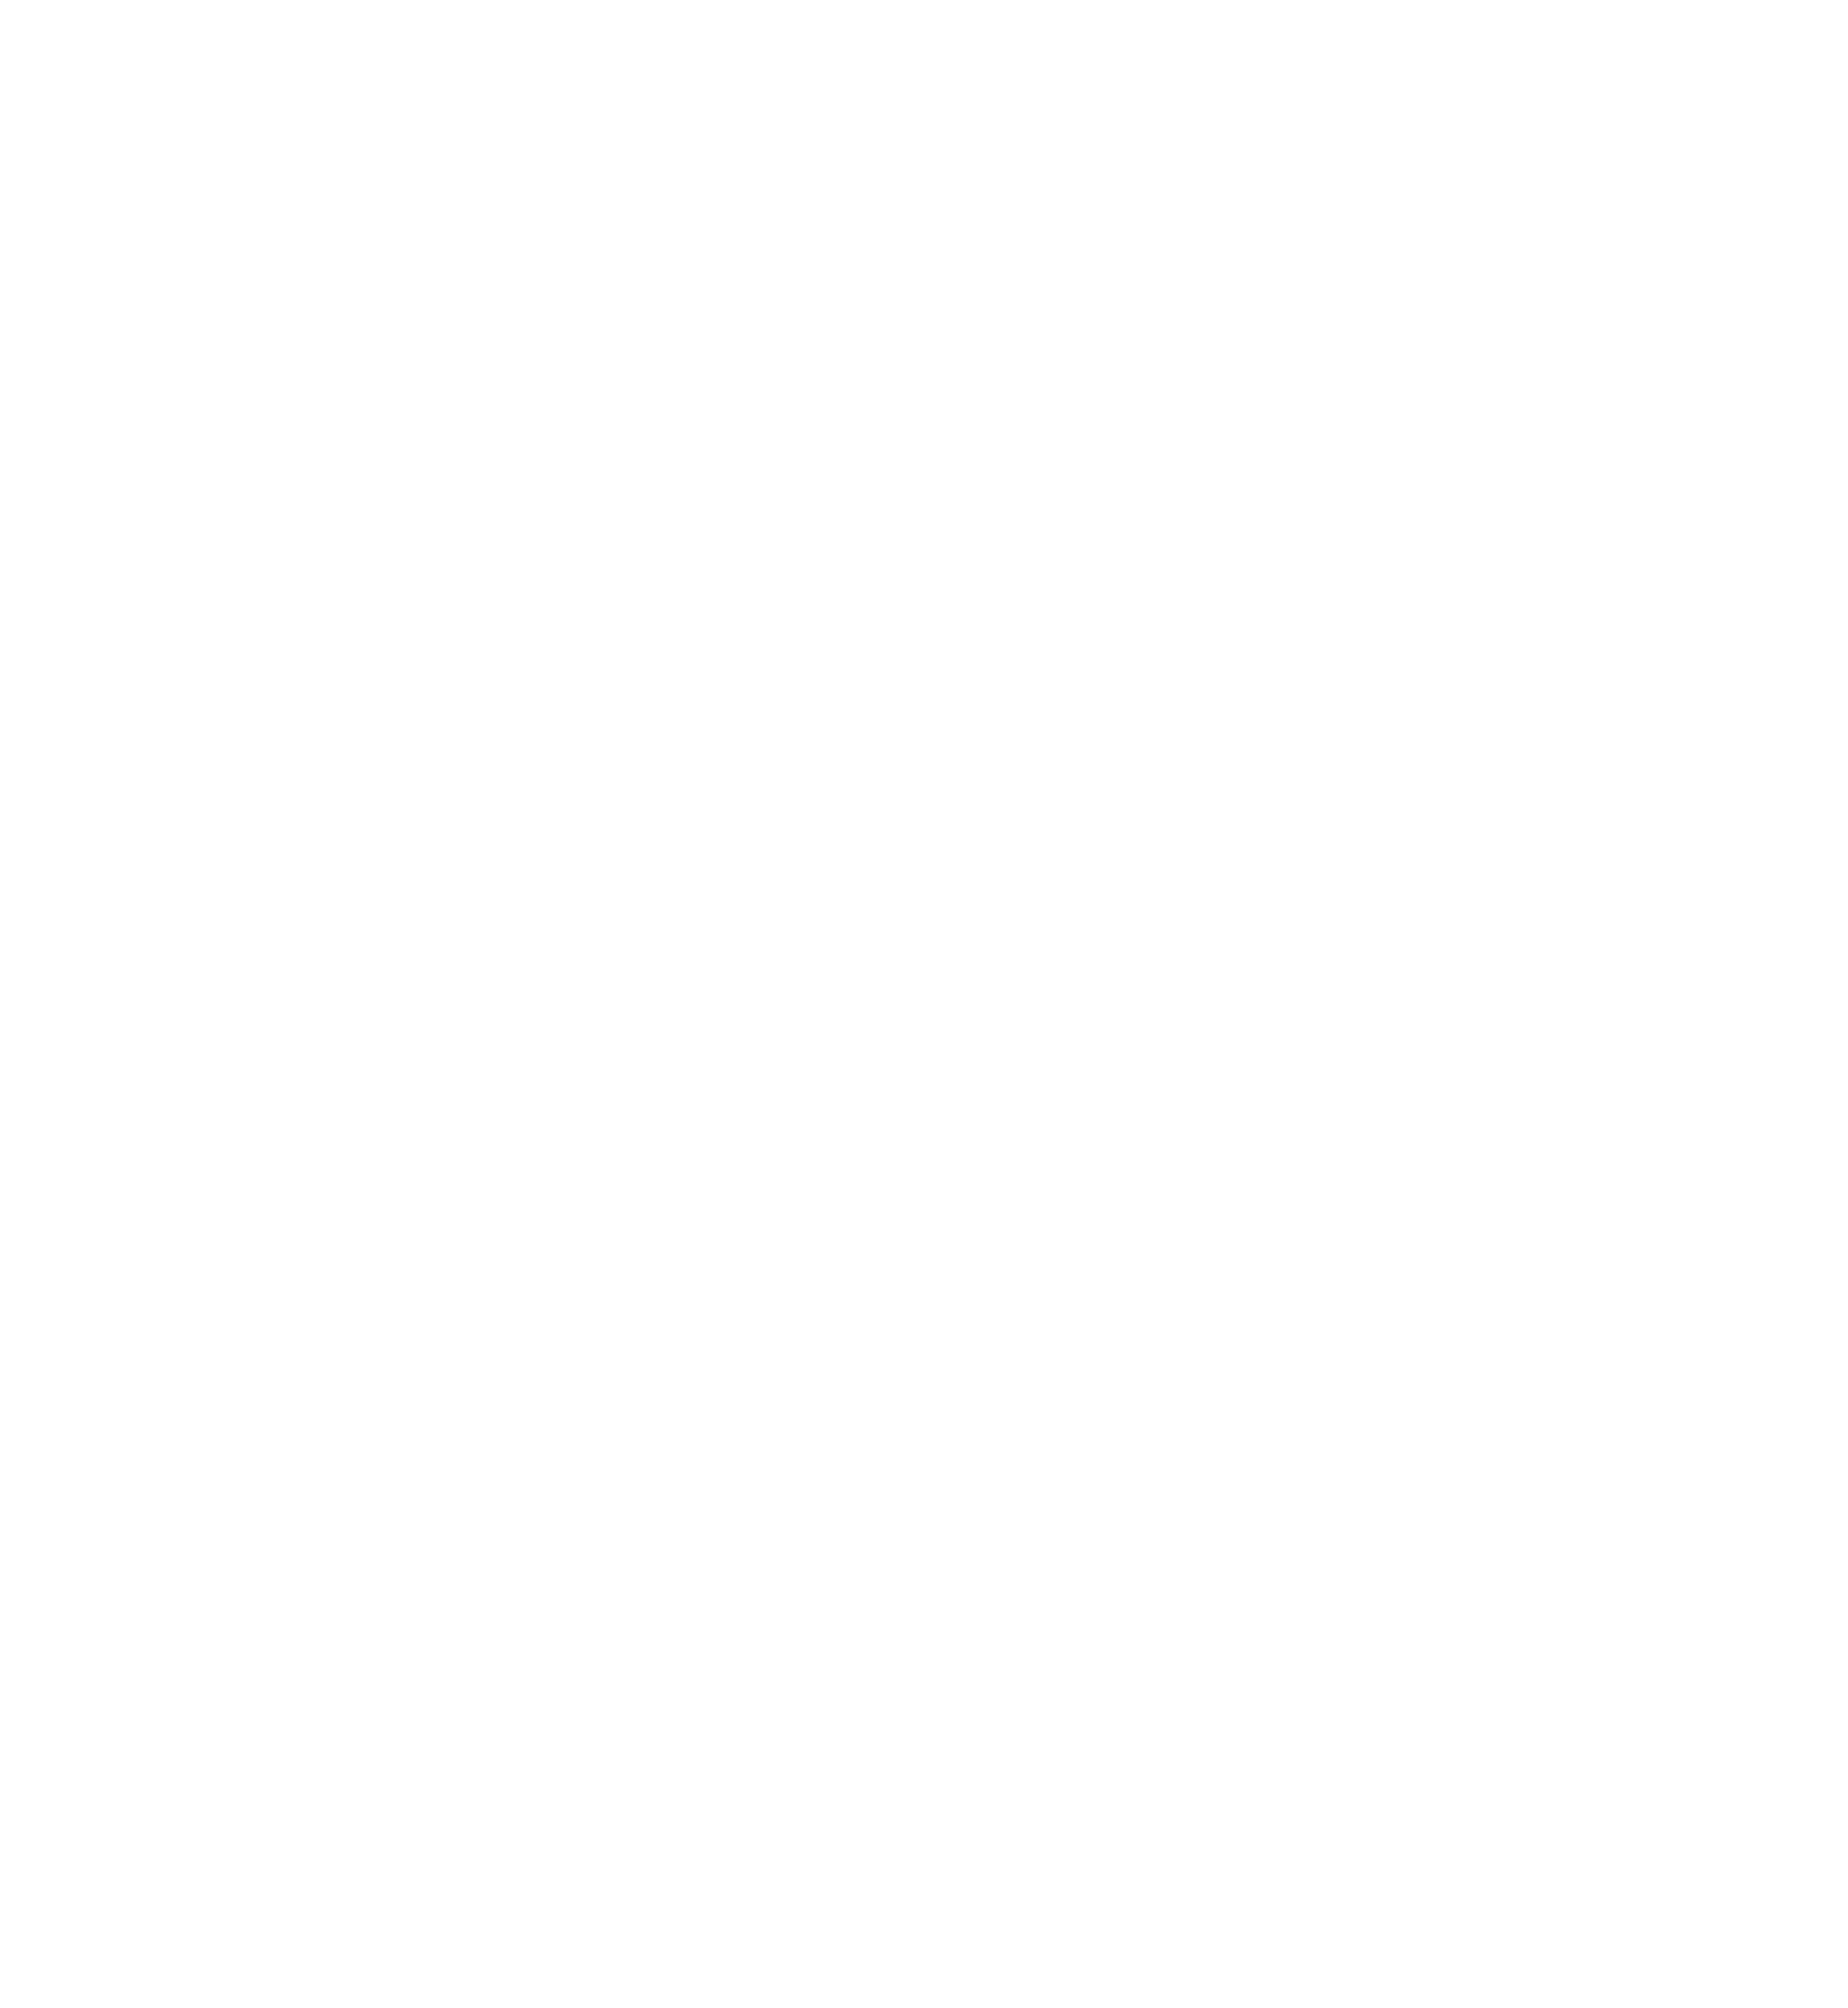 HMAC-Logo-White-v2.1.0